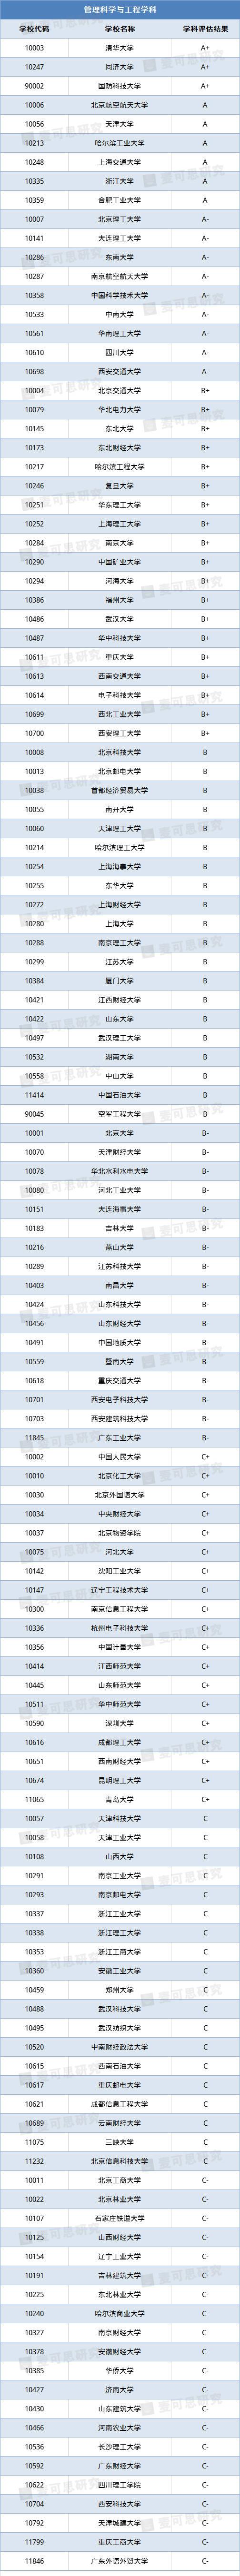 原创10大热门人文社科专业揭晓!文科生报考必看(附院校名单)